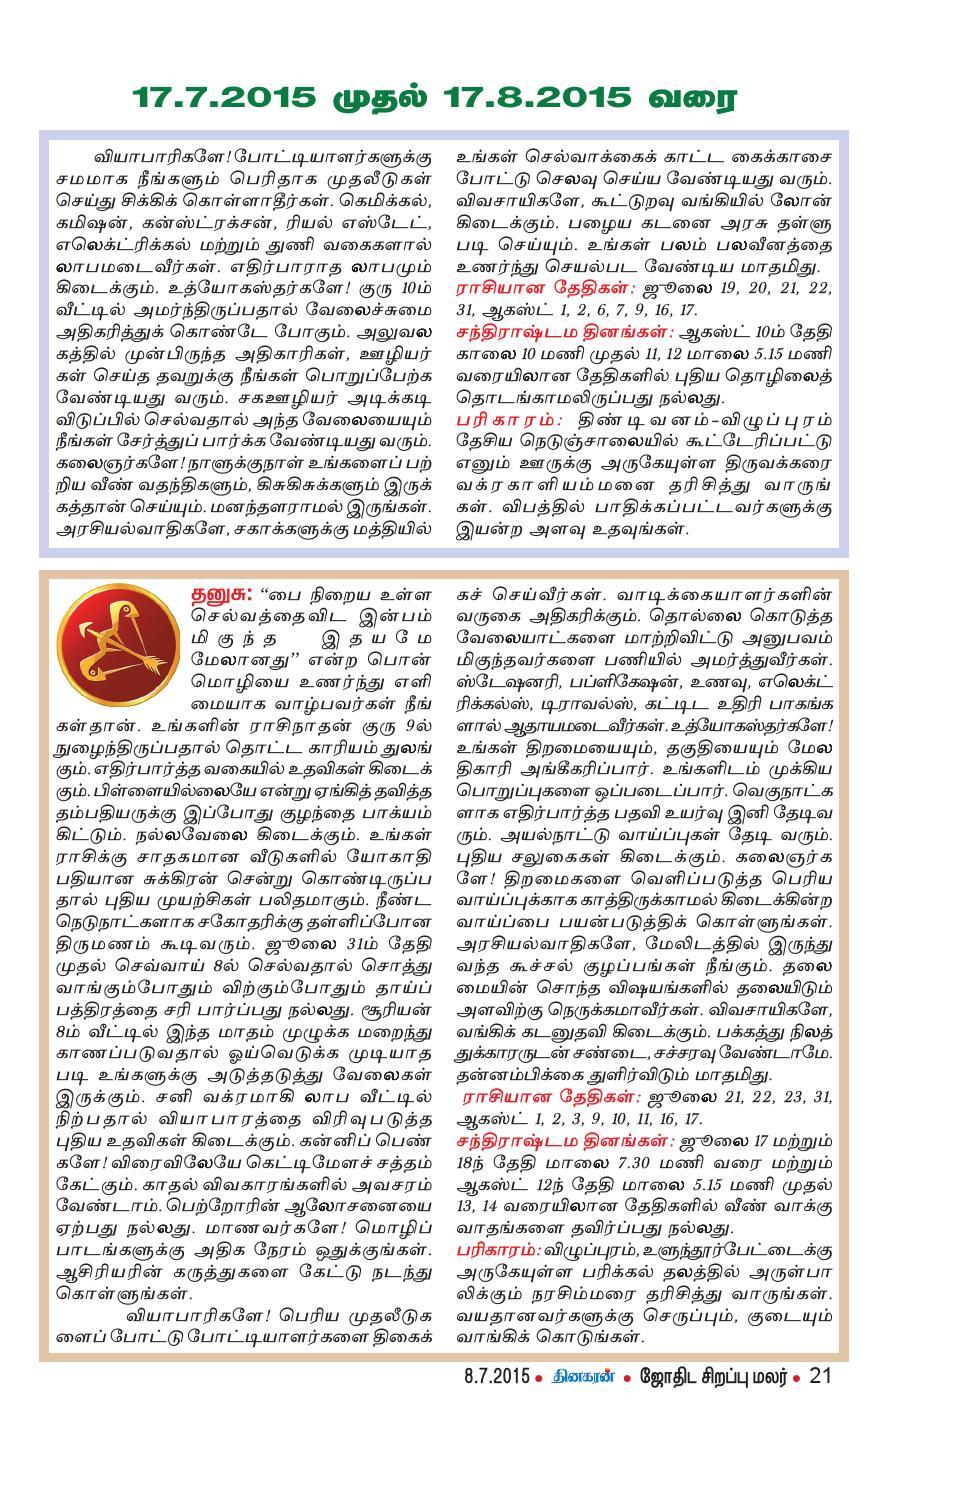 Dinakaran Jothidamalar Aadi Matha Palangal